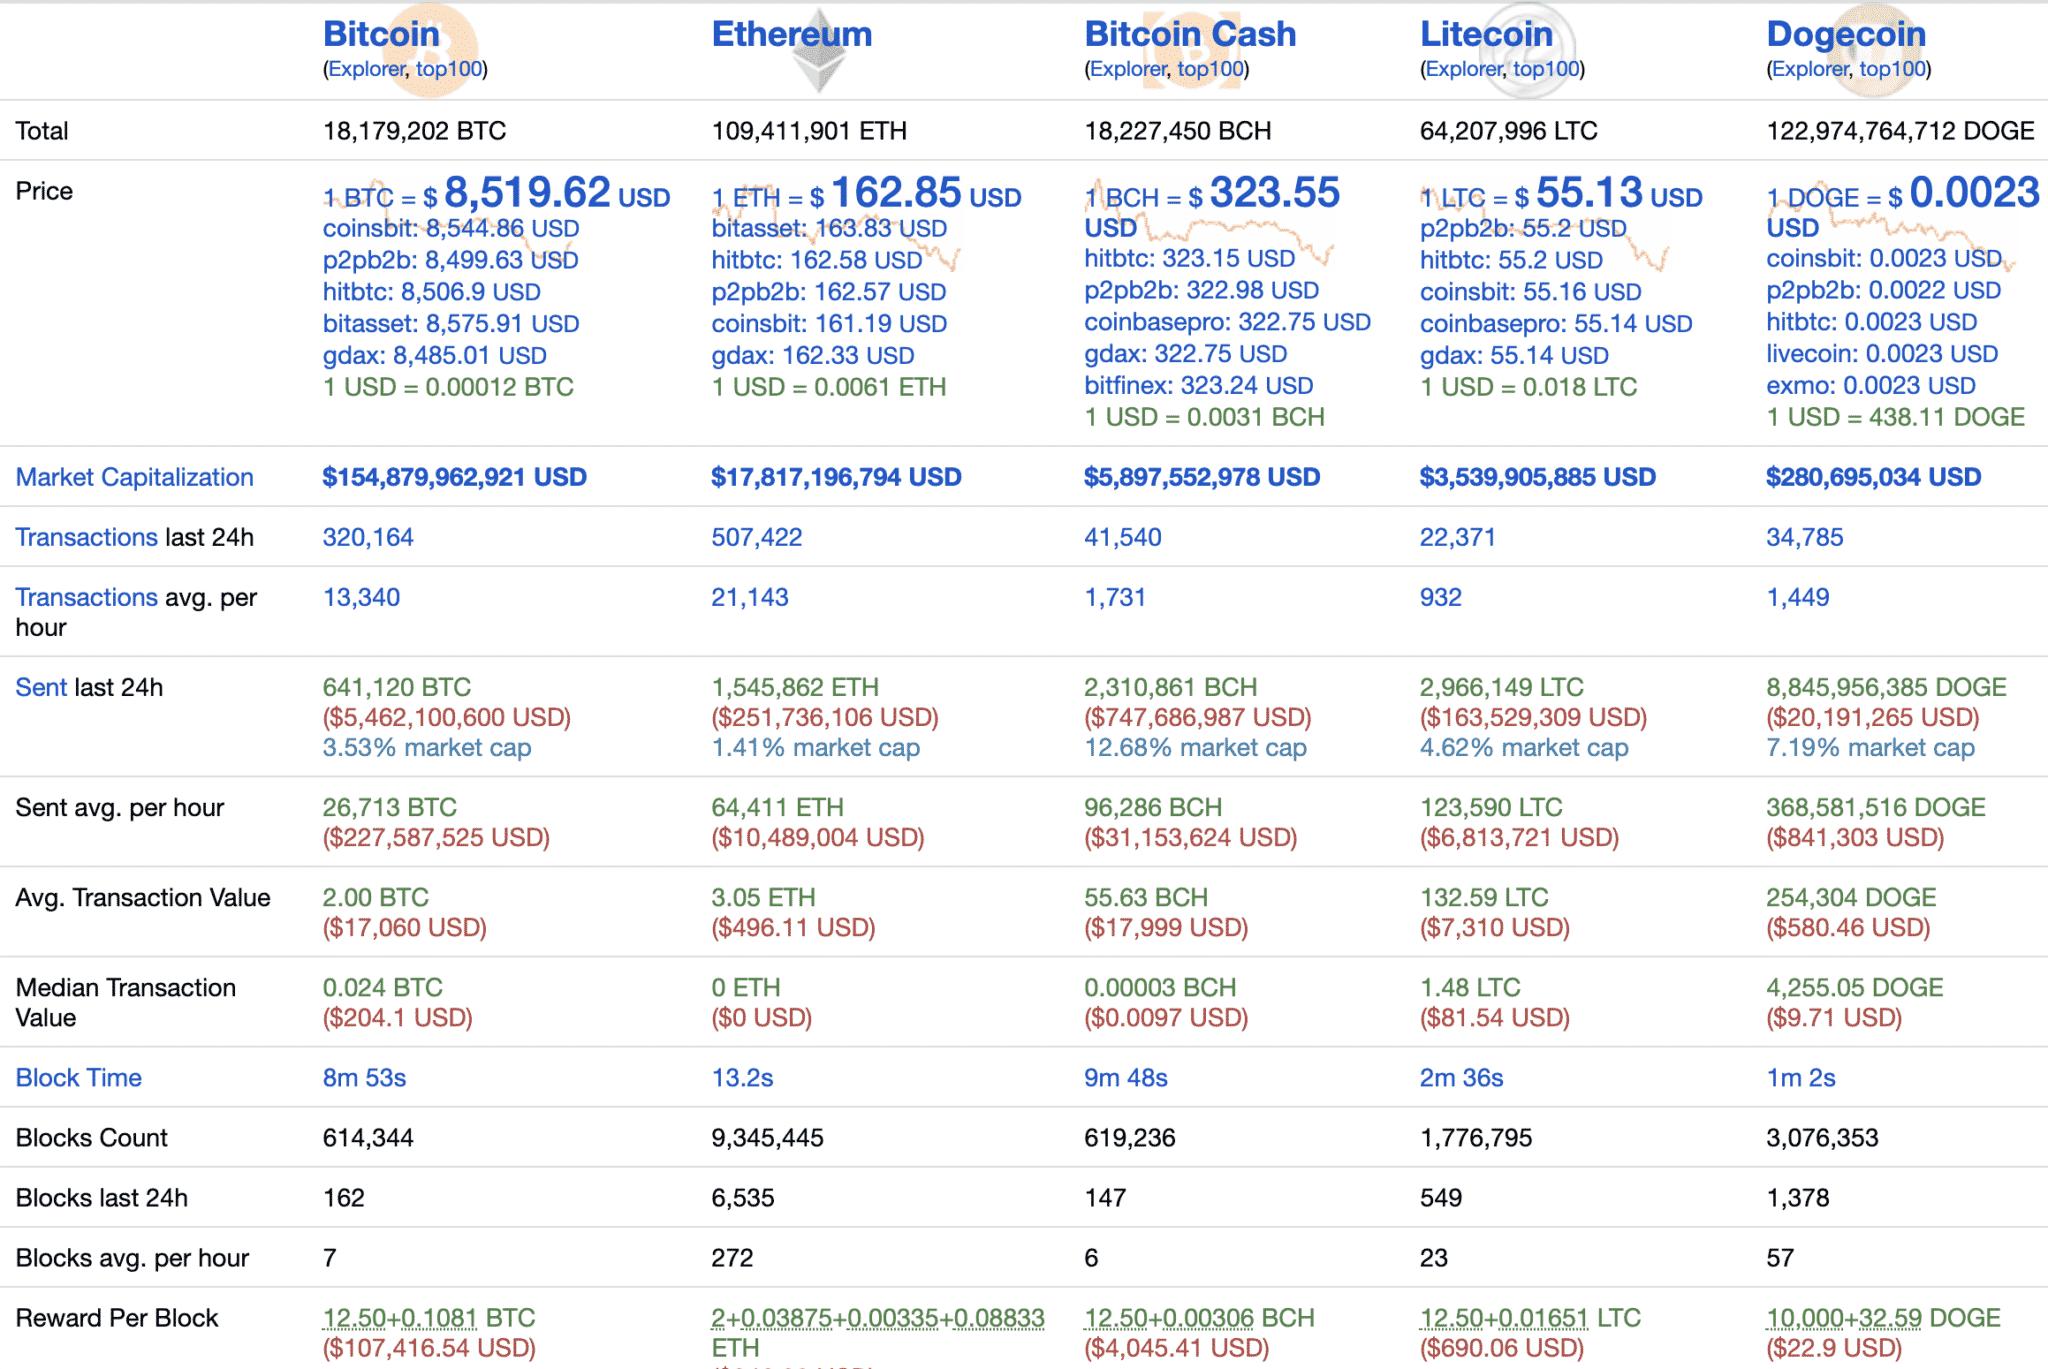 Top cryptos stats, Jan 2020